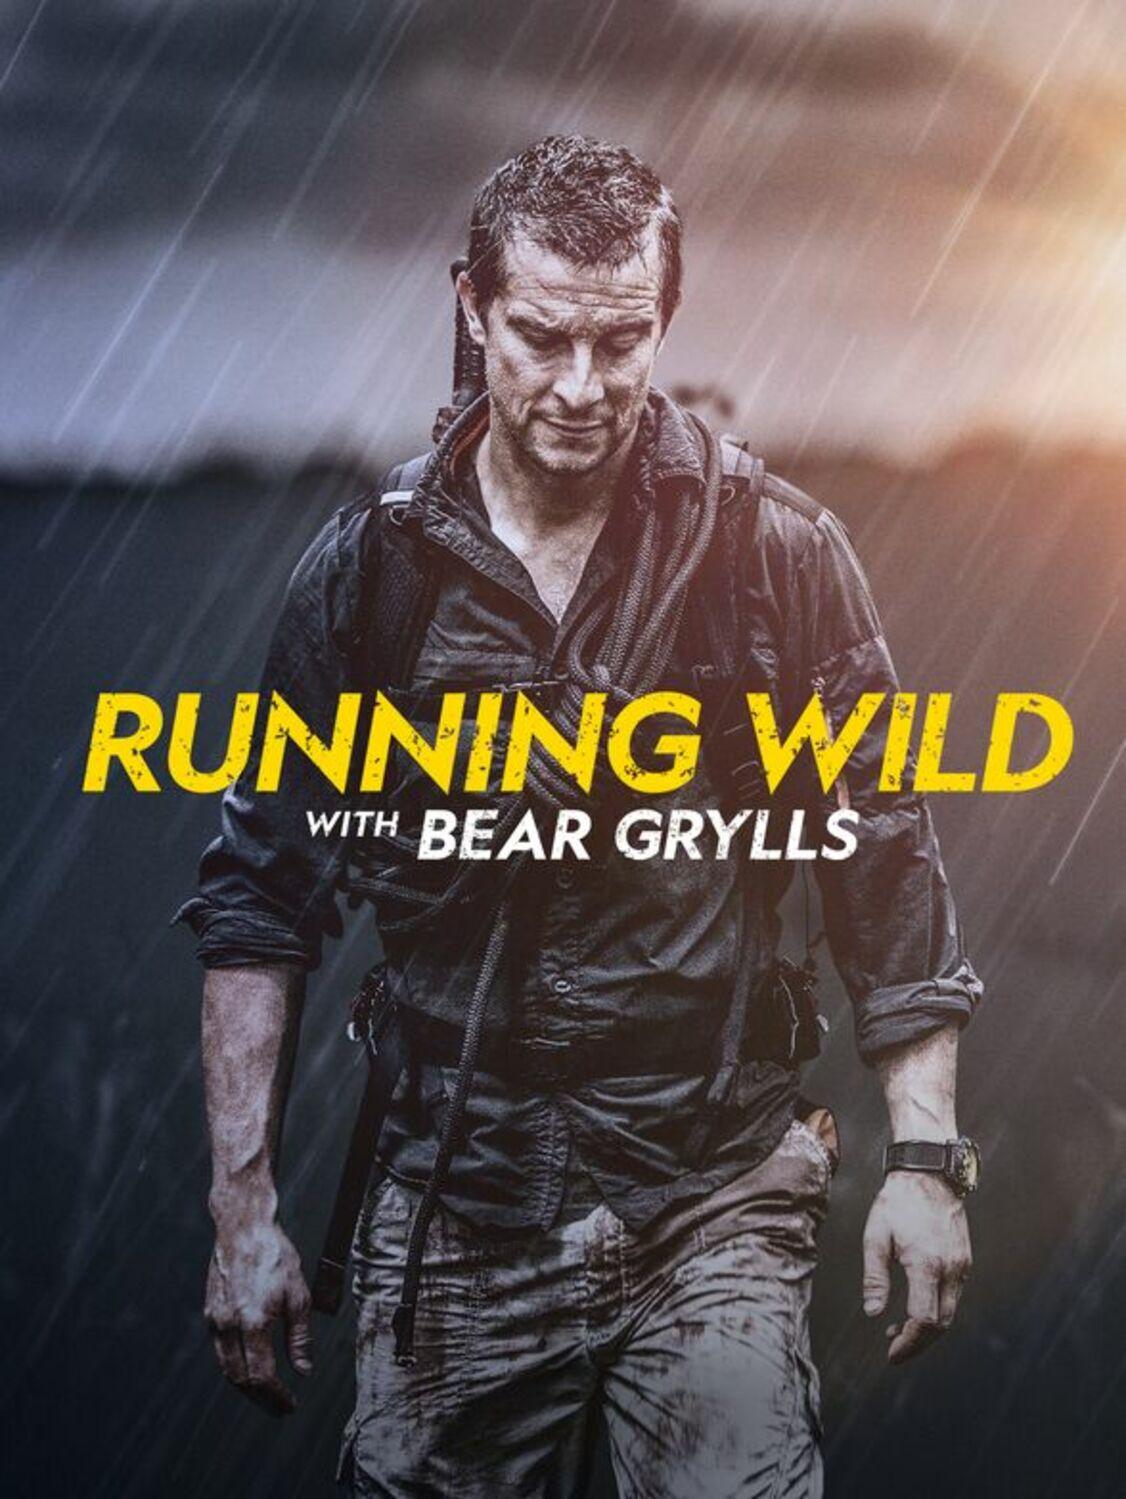 affiche poster running wild pleine nature bear grylls disney nat geo